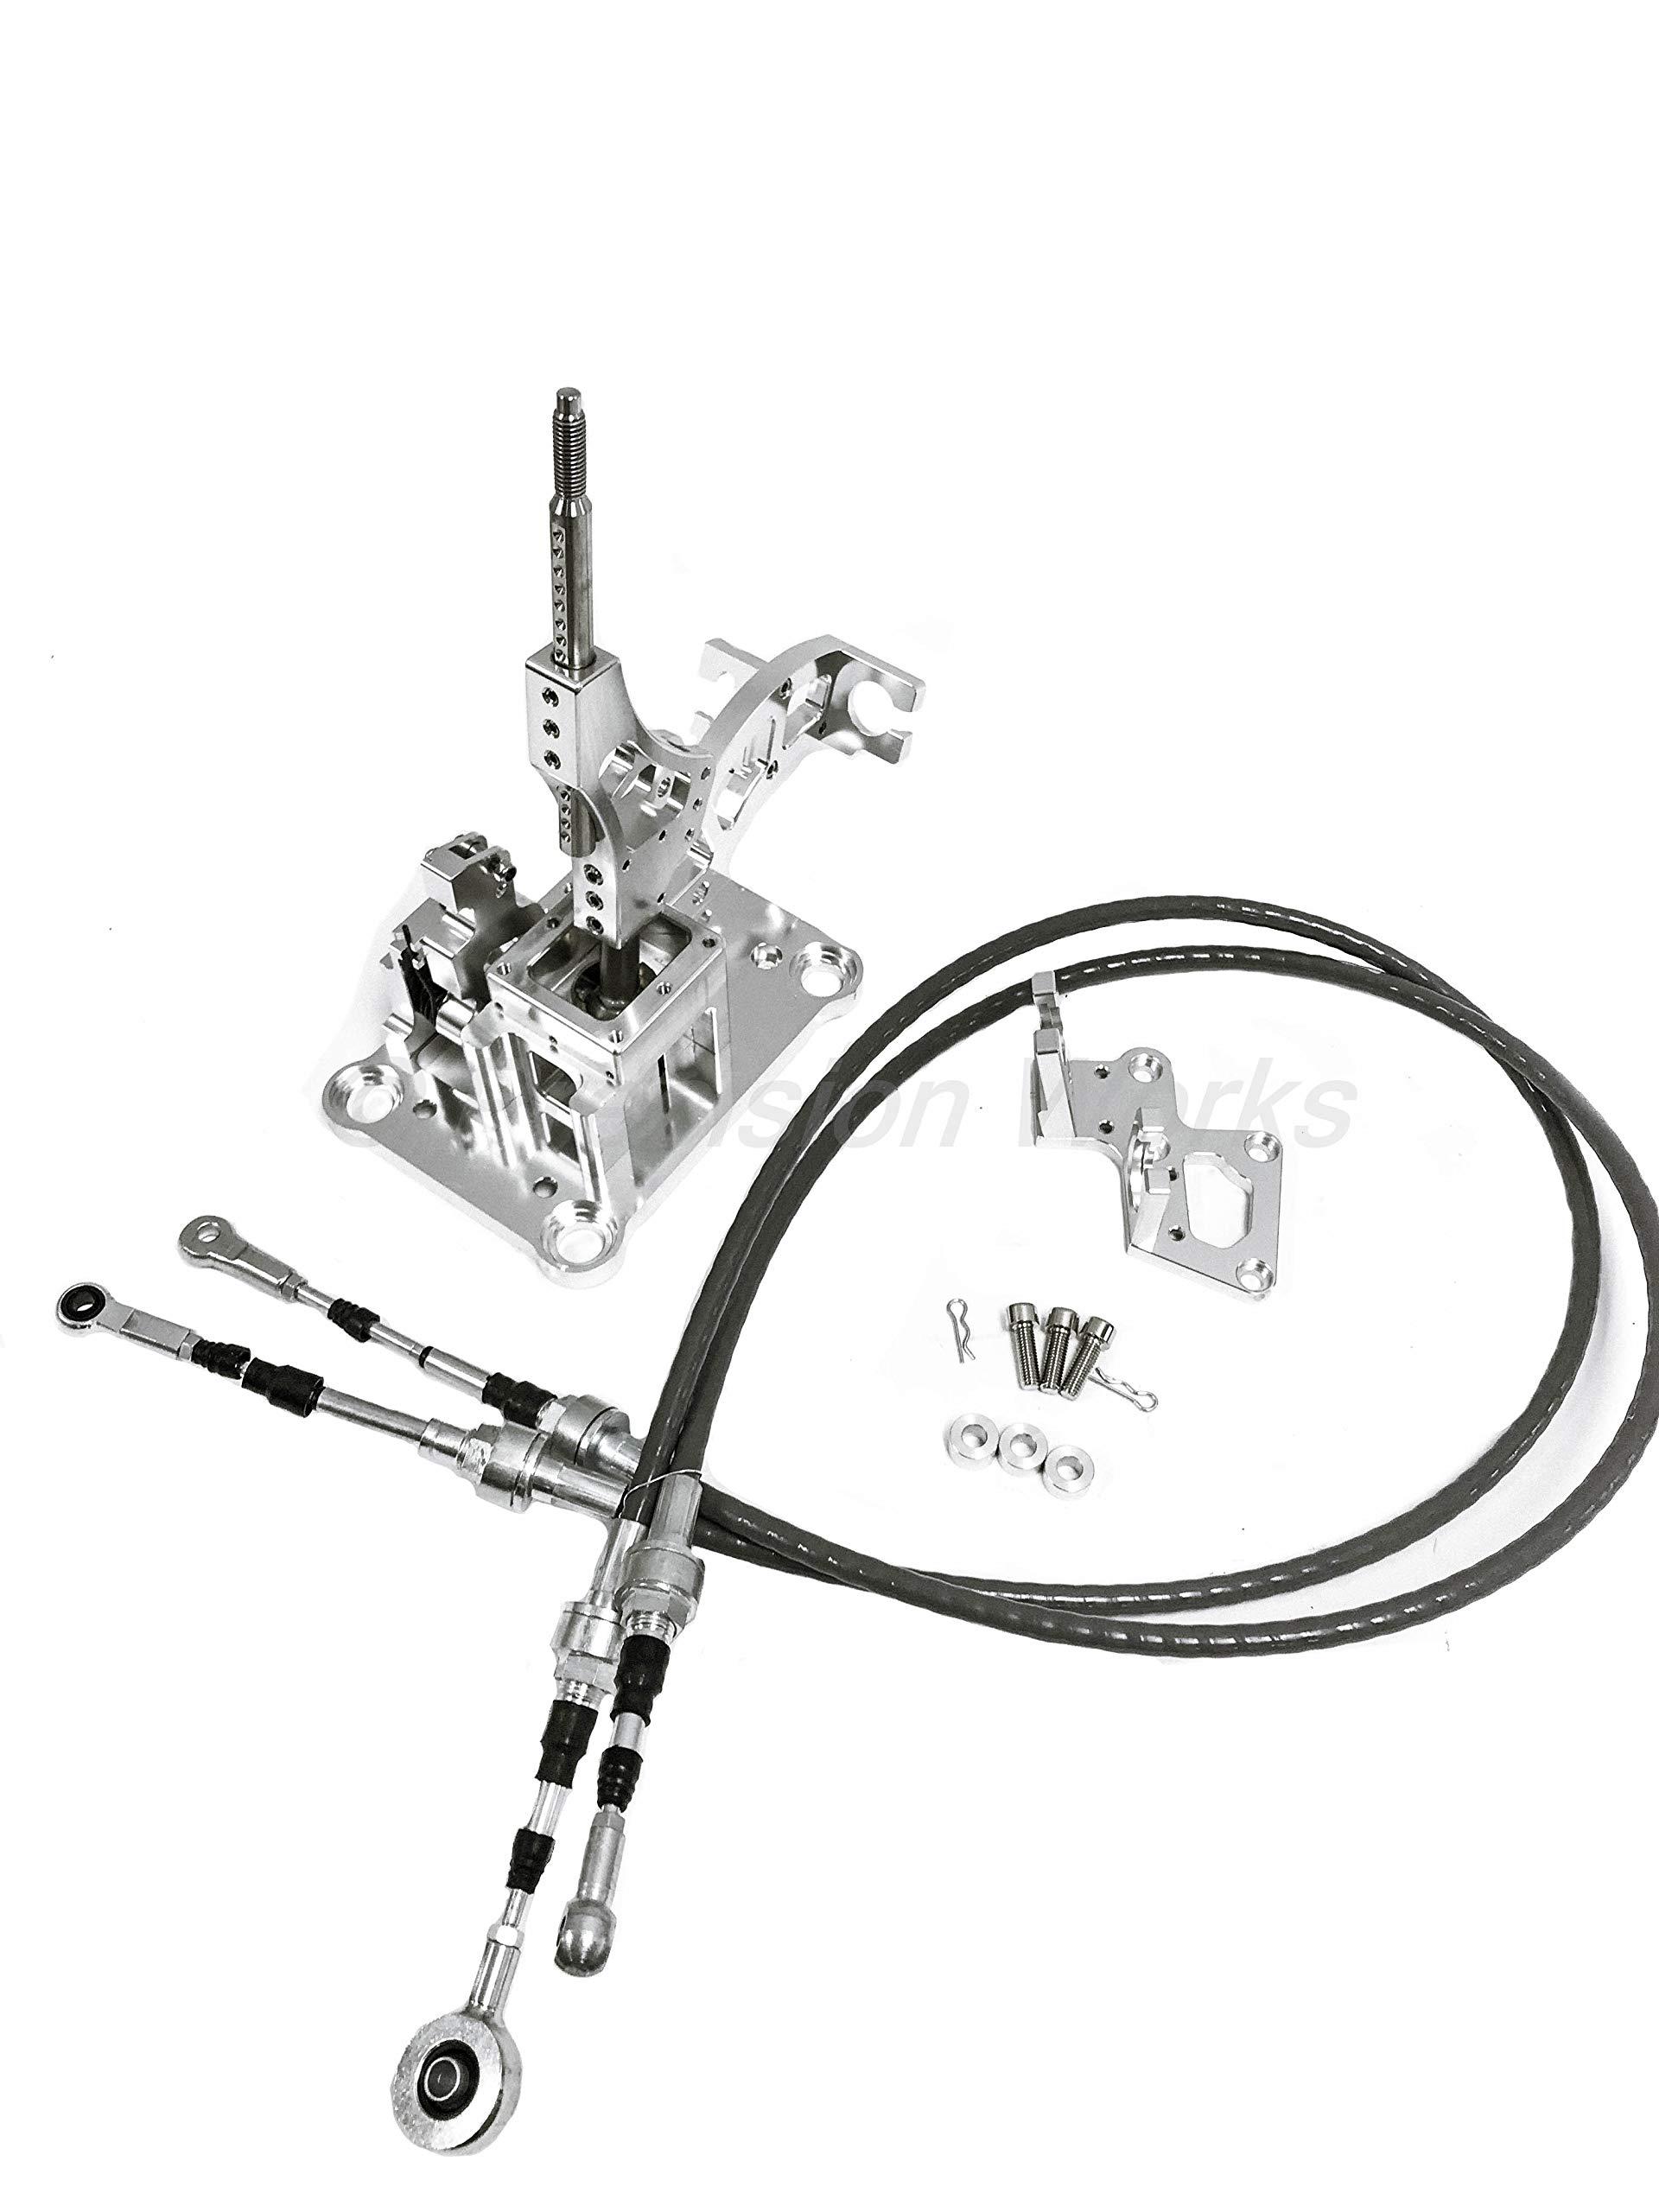 PW RSX Shifter w/Cables & Trans Bracket K20 K24 K Swap Series EG EK DC2 CNC DC5